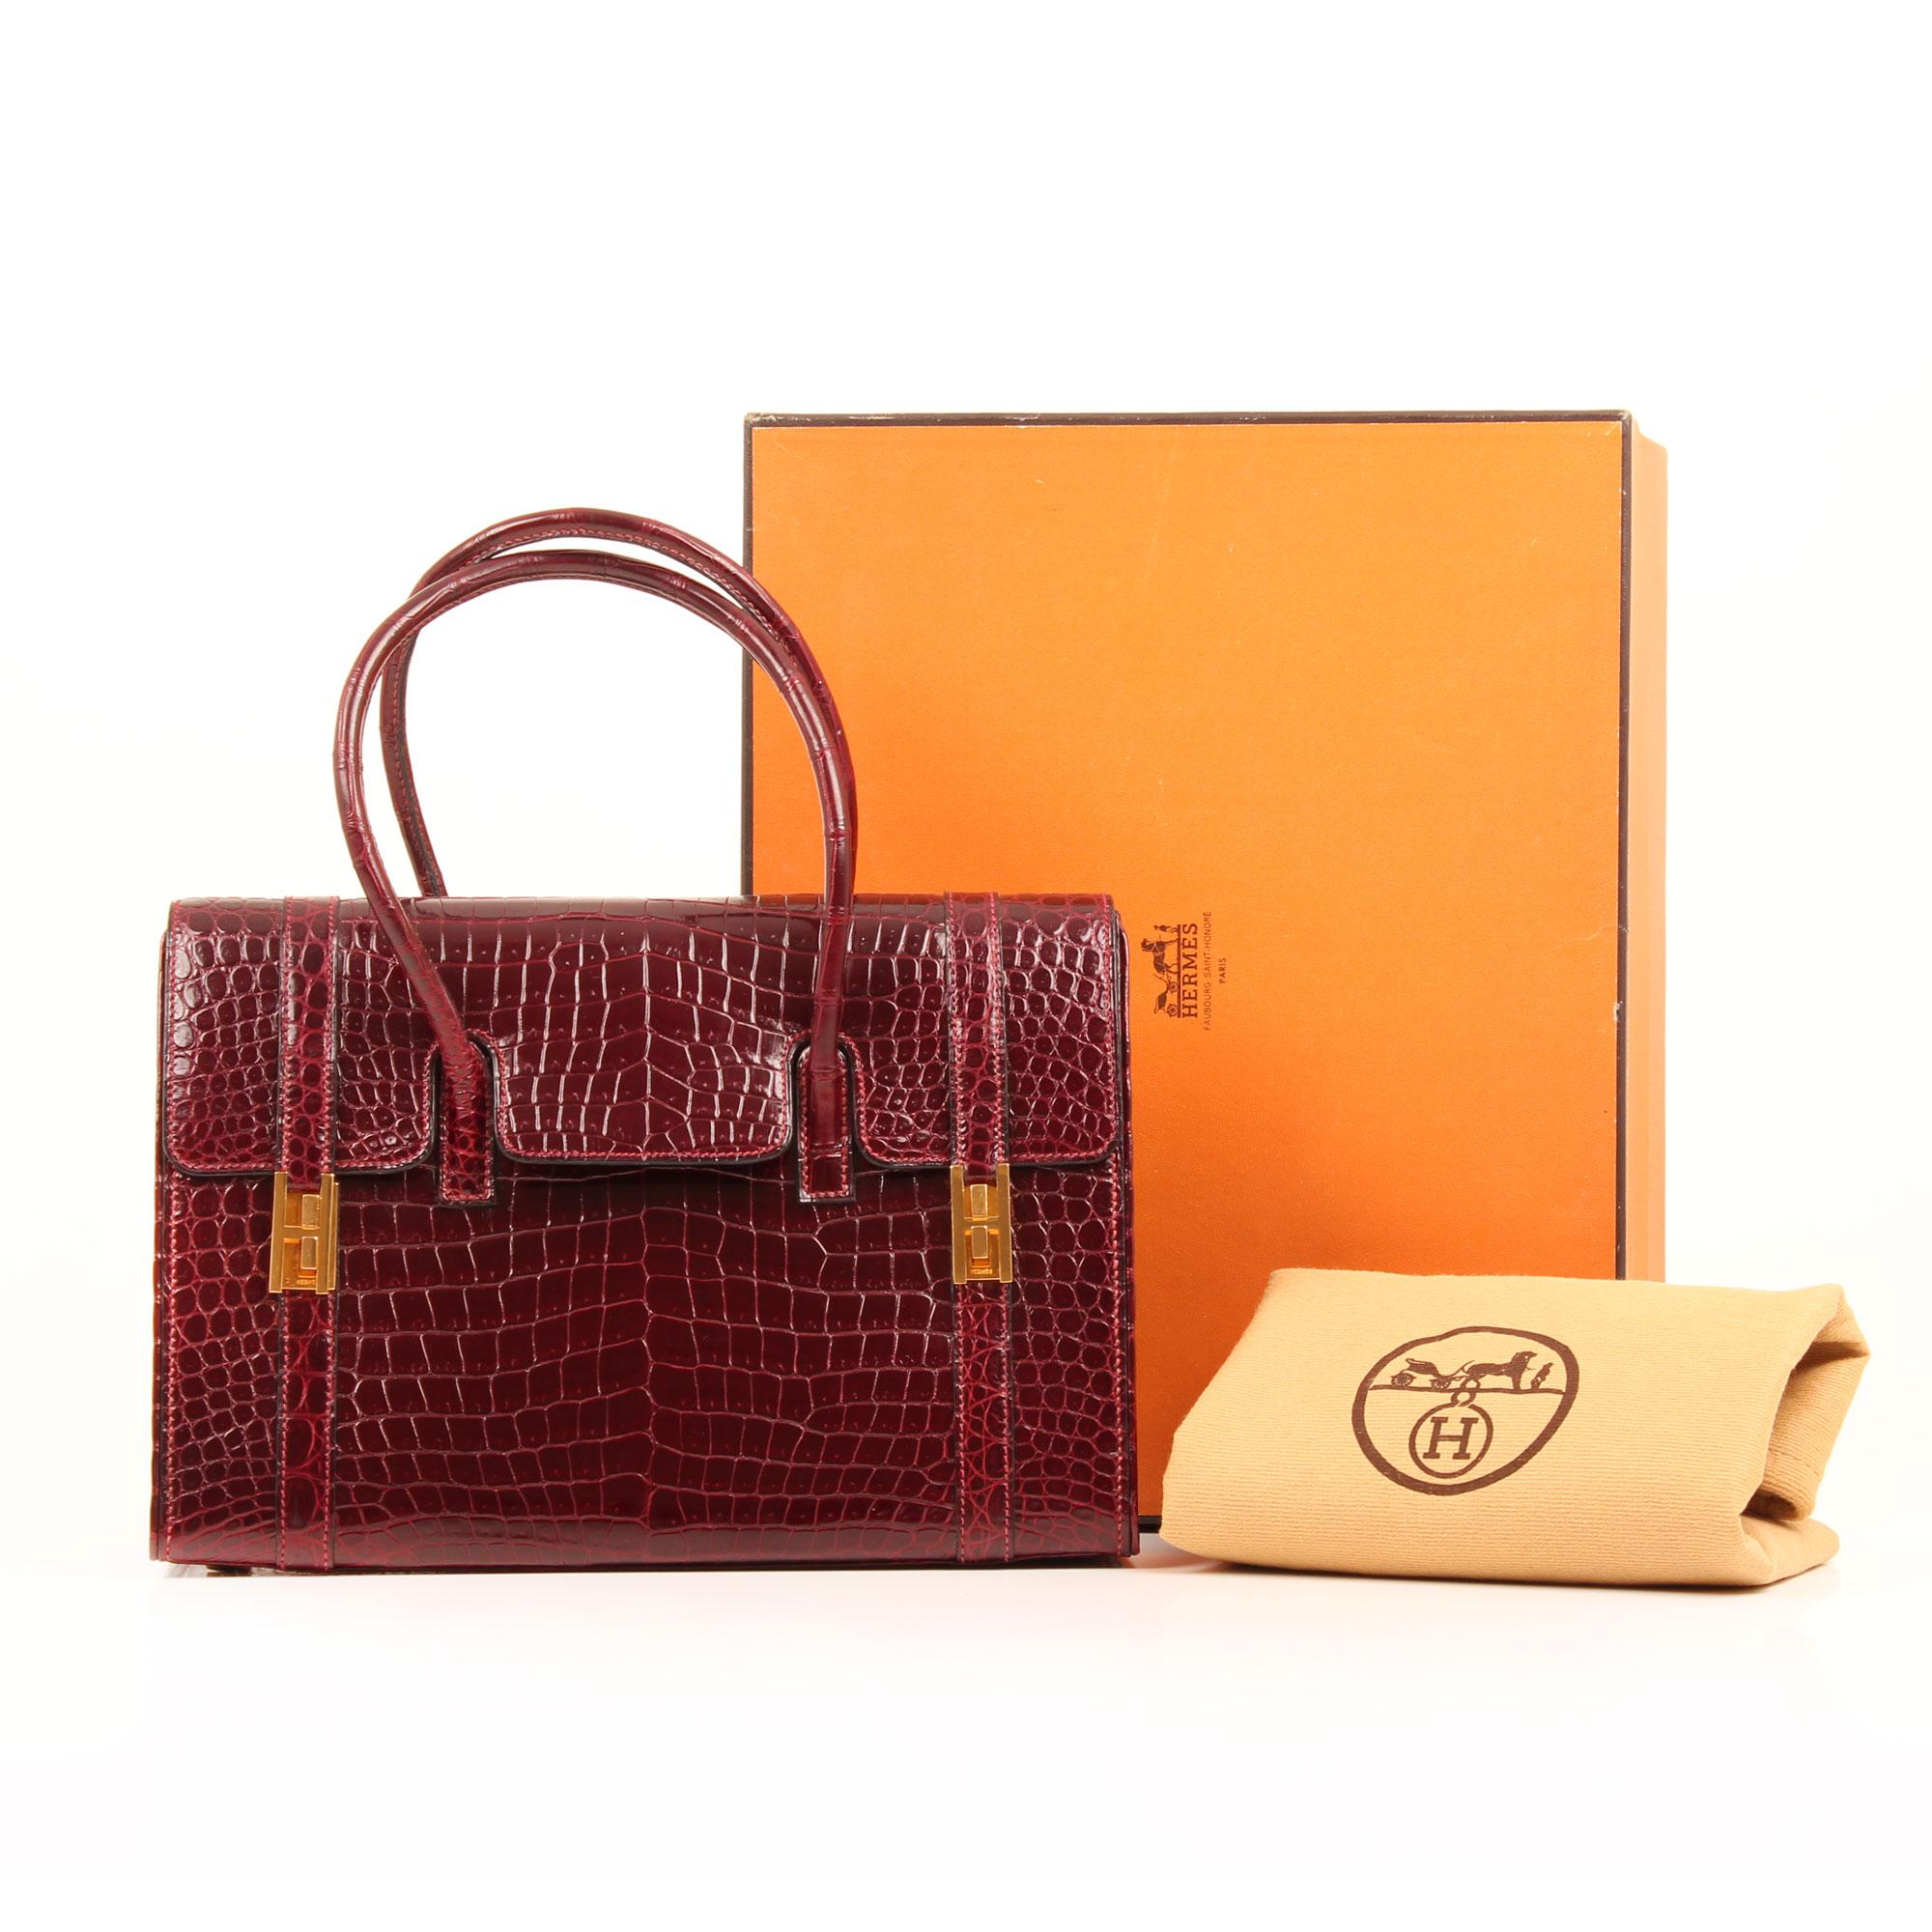 Imagen del dustbag, caja y funda del bolso hermes drag vintage cocodrilo poroso color frambuesa